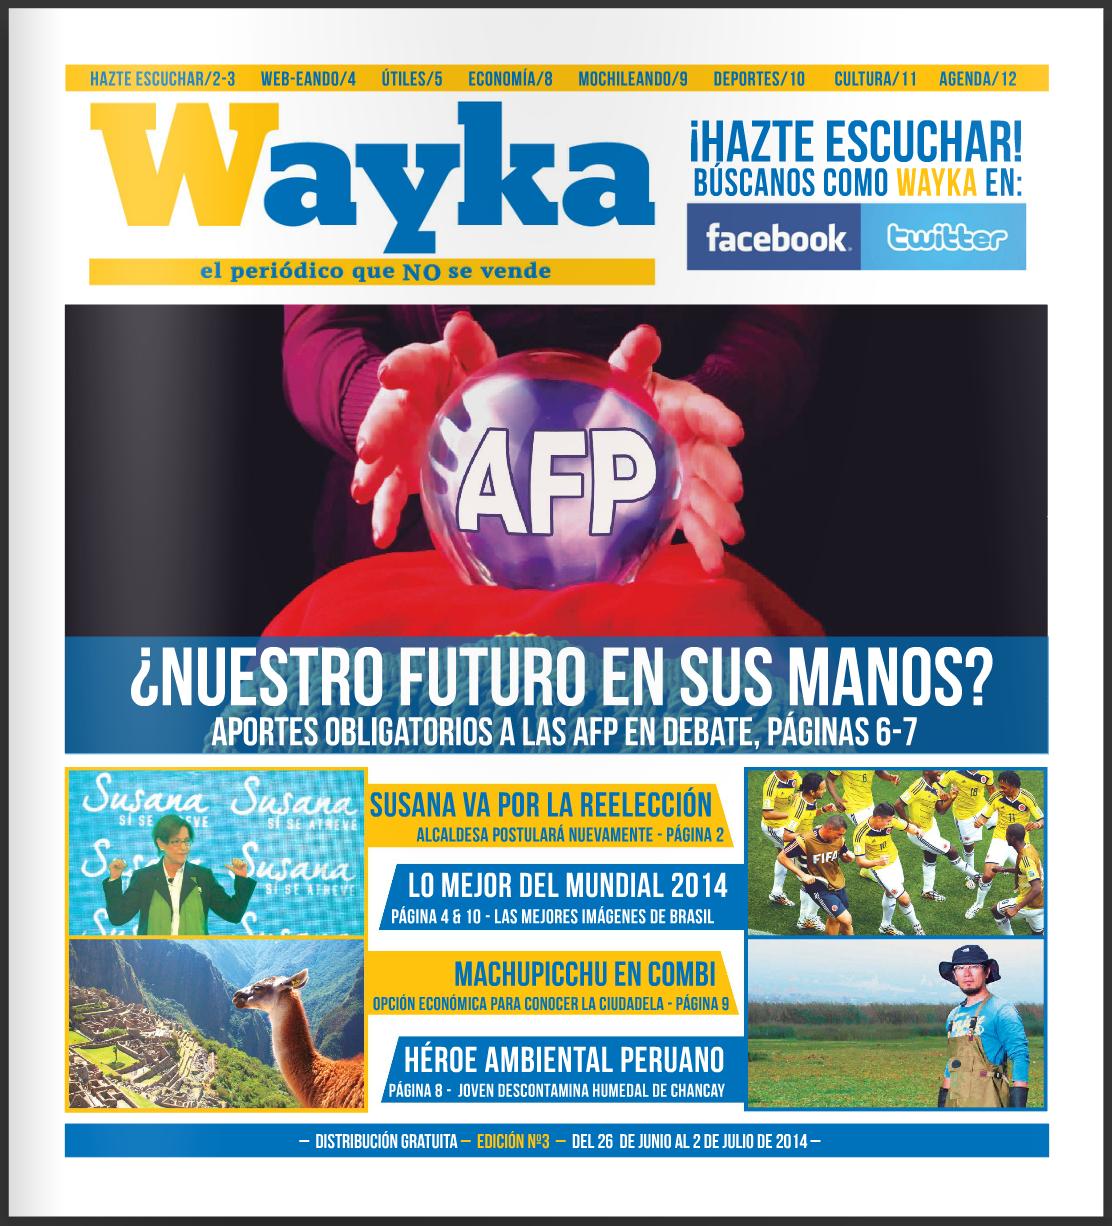 Edición #3: Aportes Obligatorios a las AFP en Debate